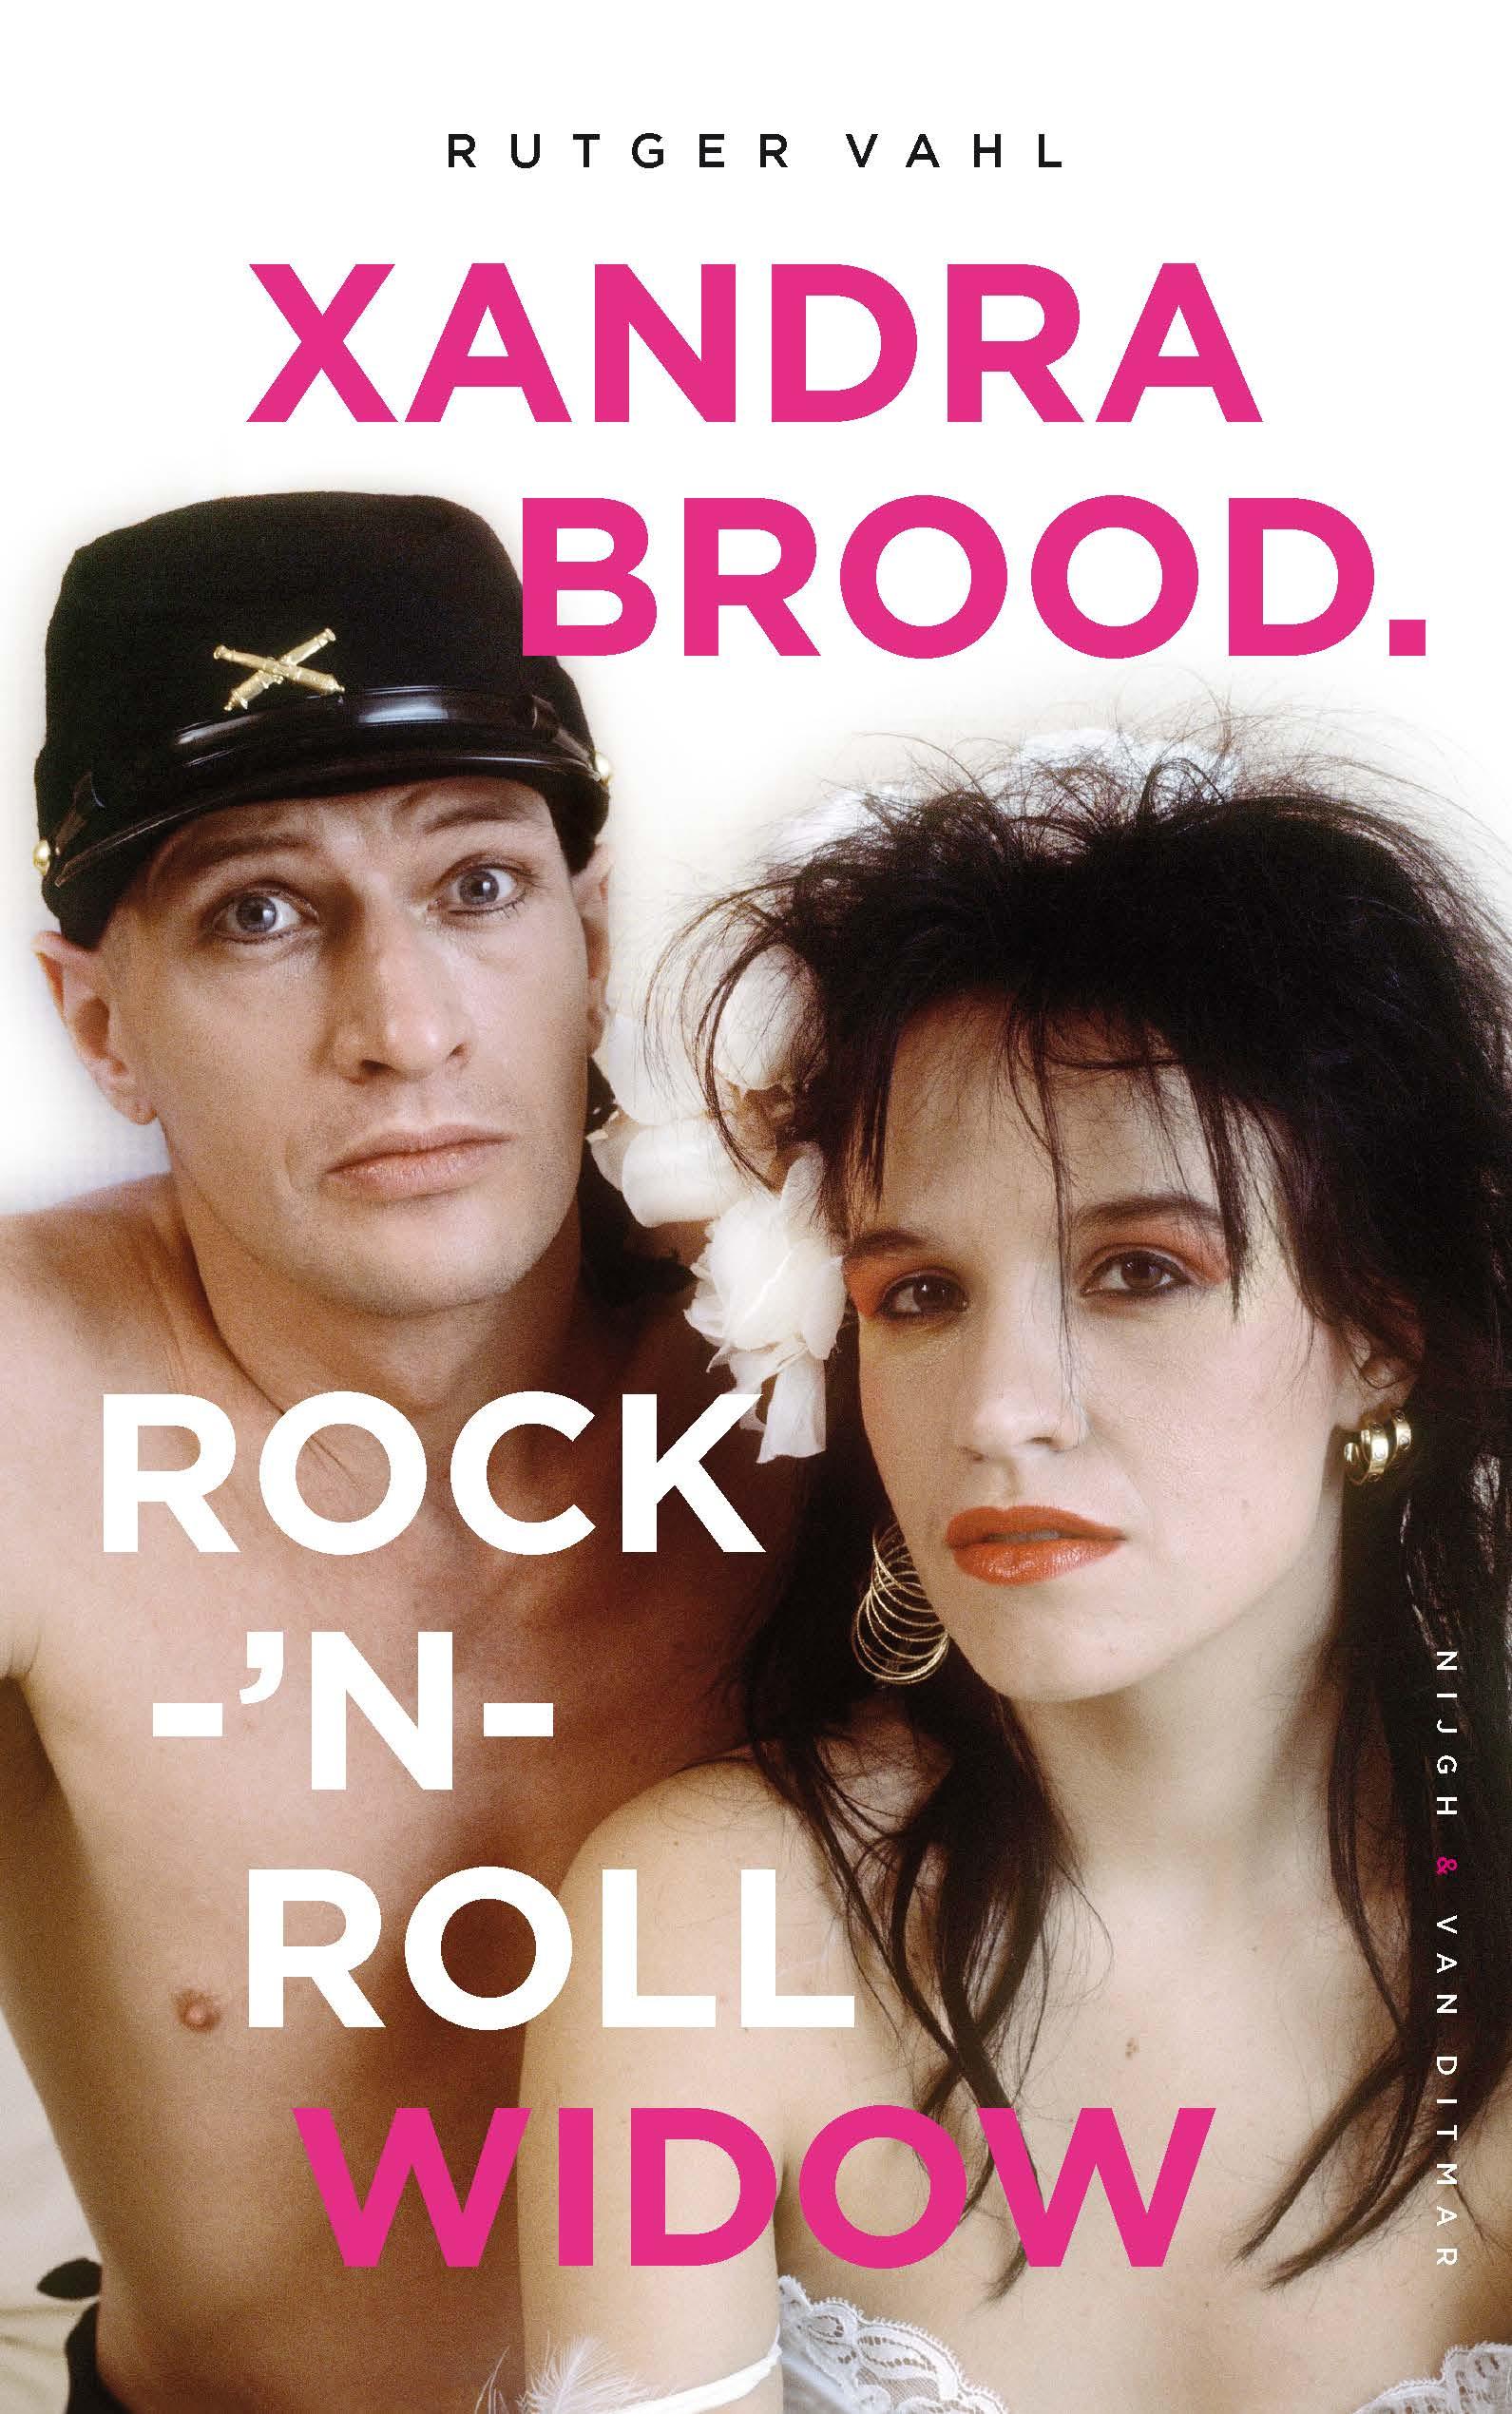 Xandra Brood. Rock-'n-Roll Widow – Rutger Vahl